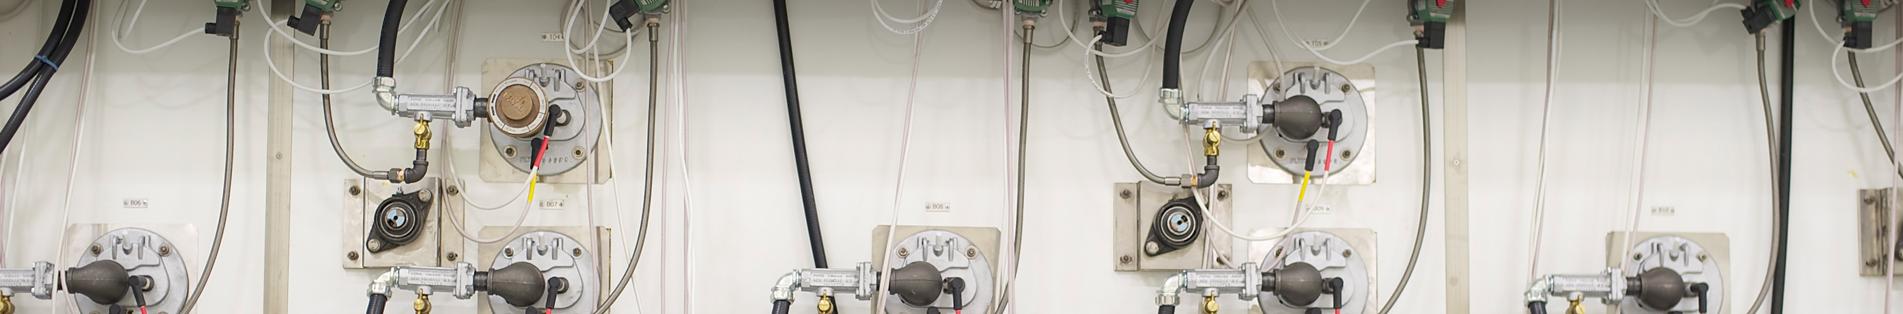 equipment-oven-controlst